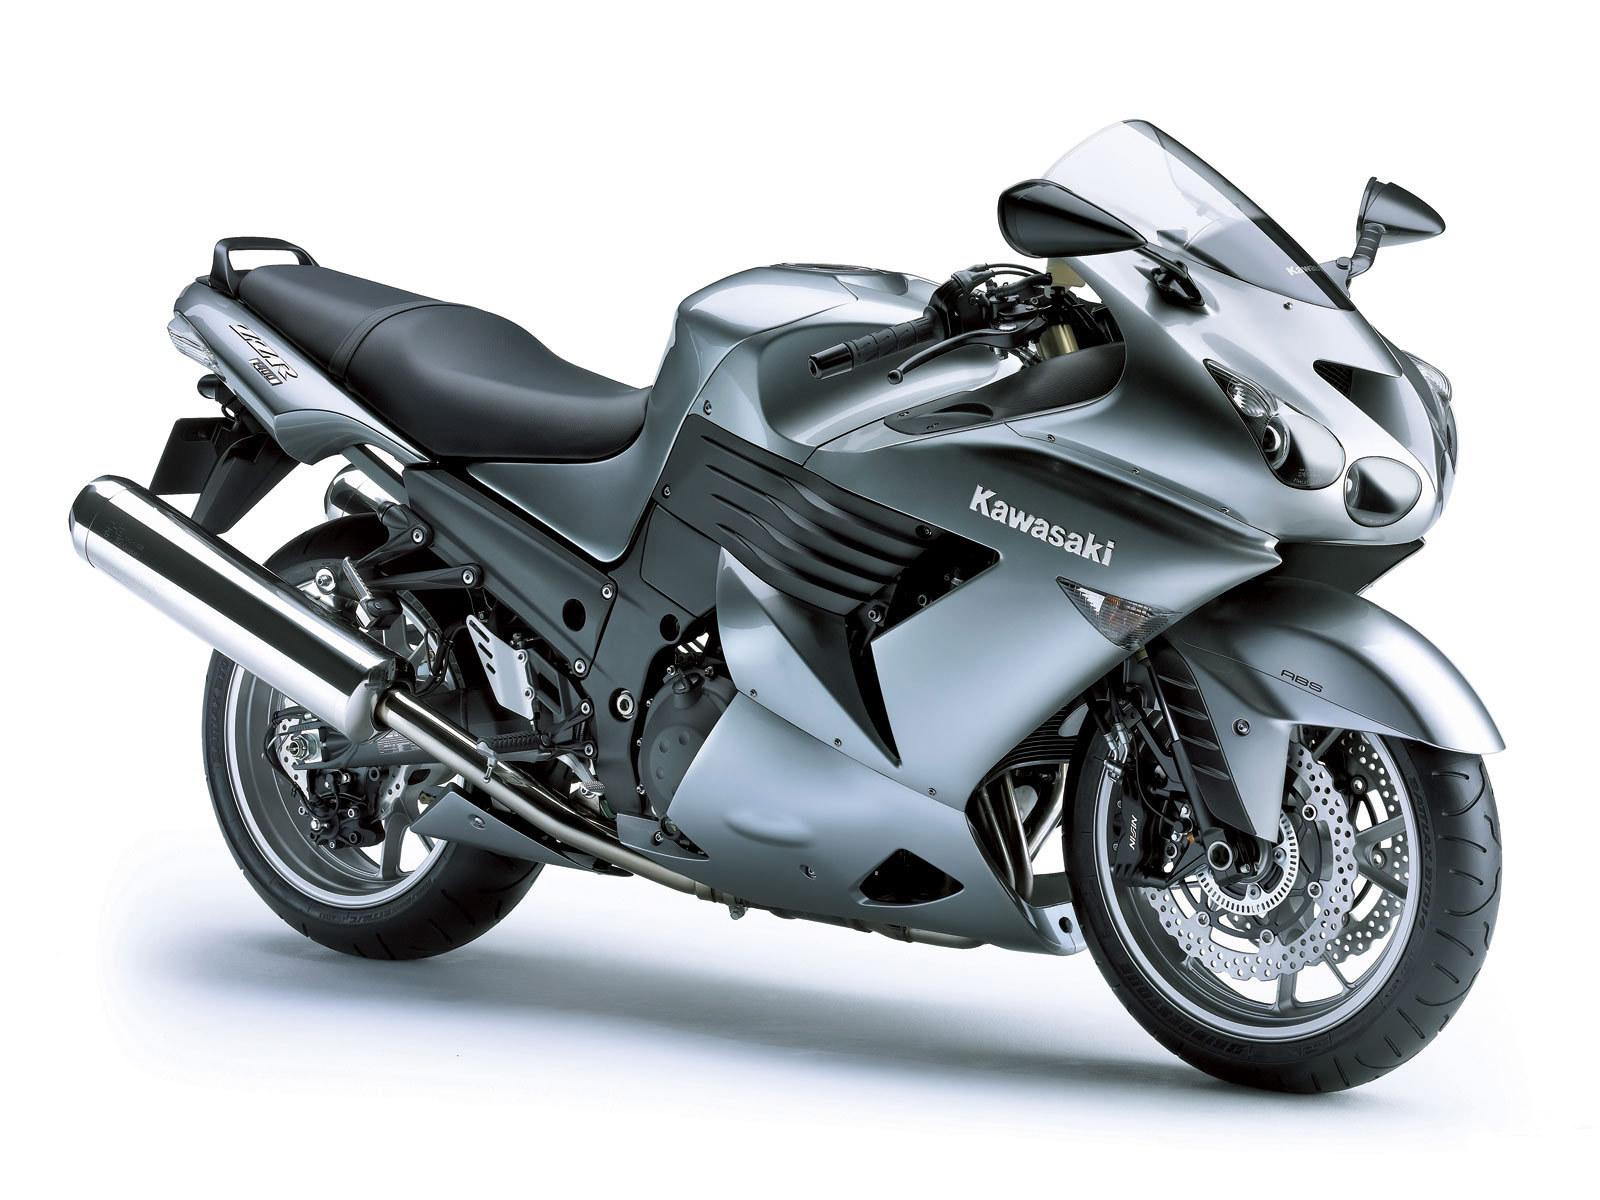 KAWASAKI ZZR 1400 ABS - Motorcycles Wallpaper (14487369 ...